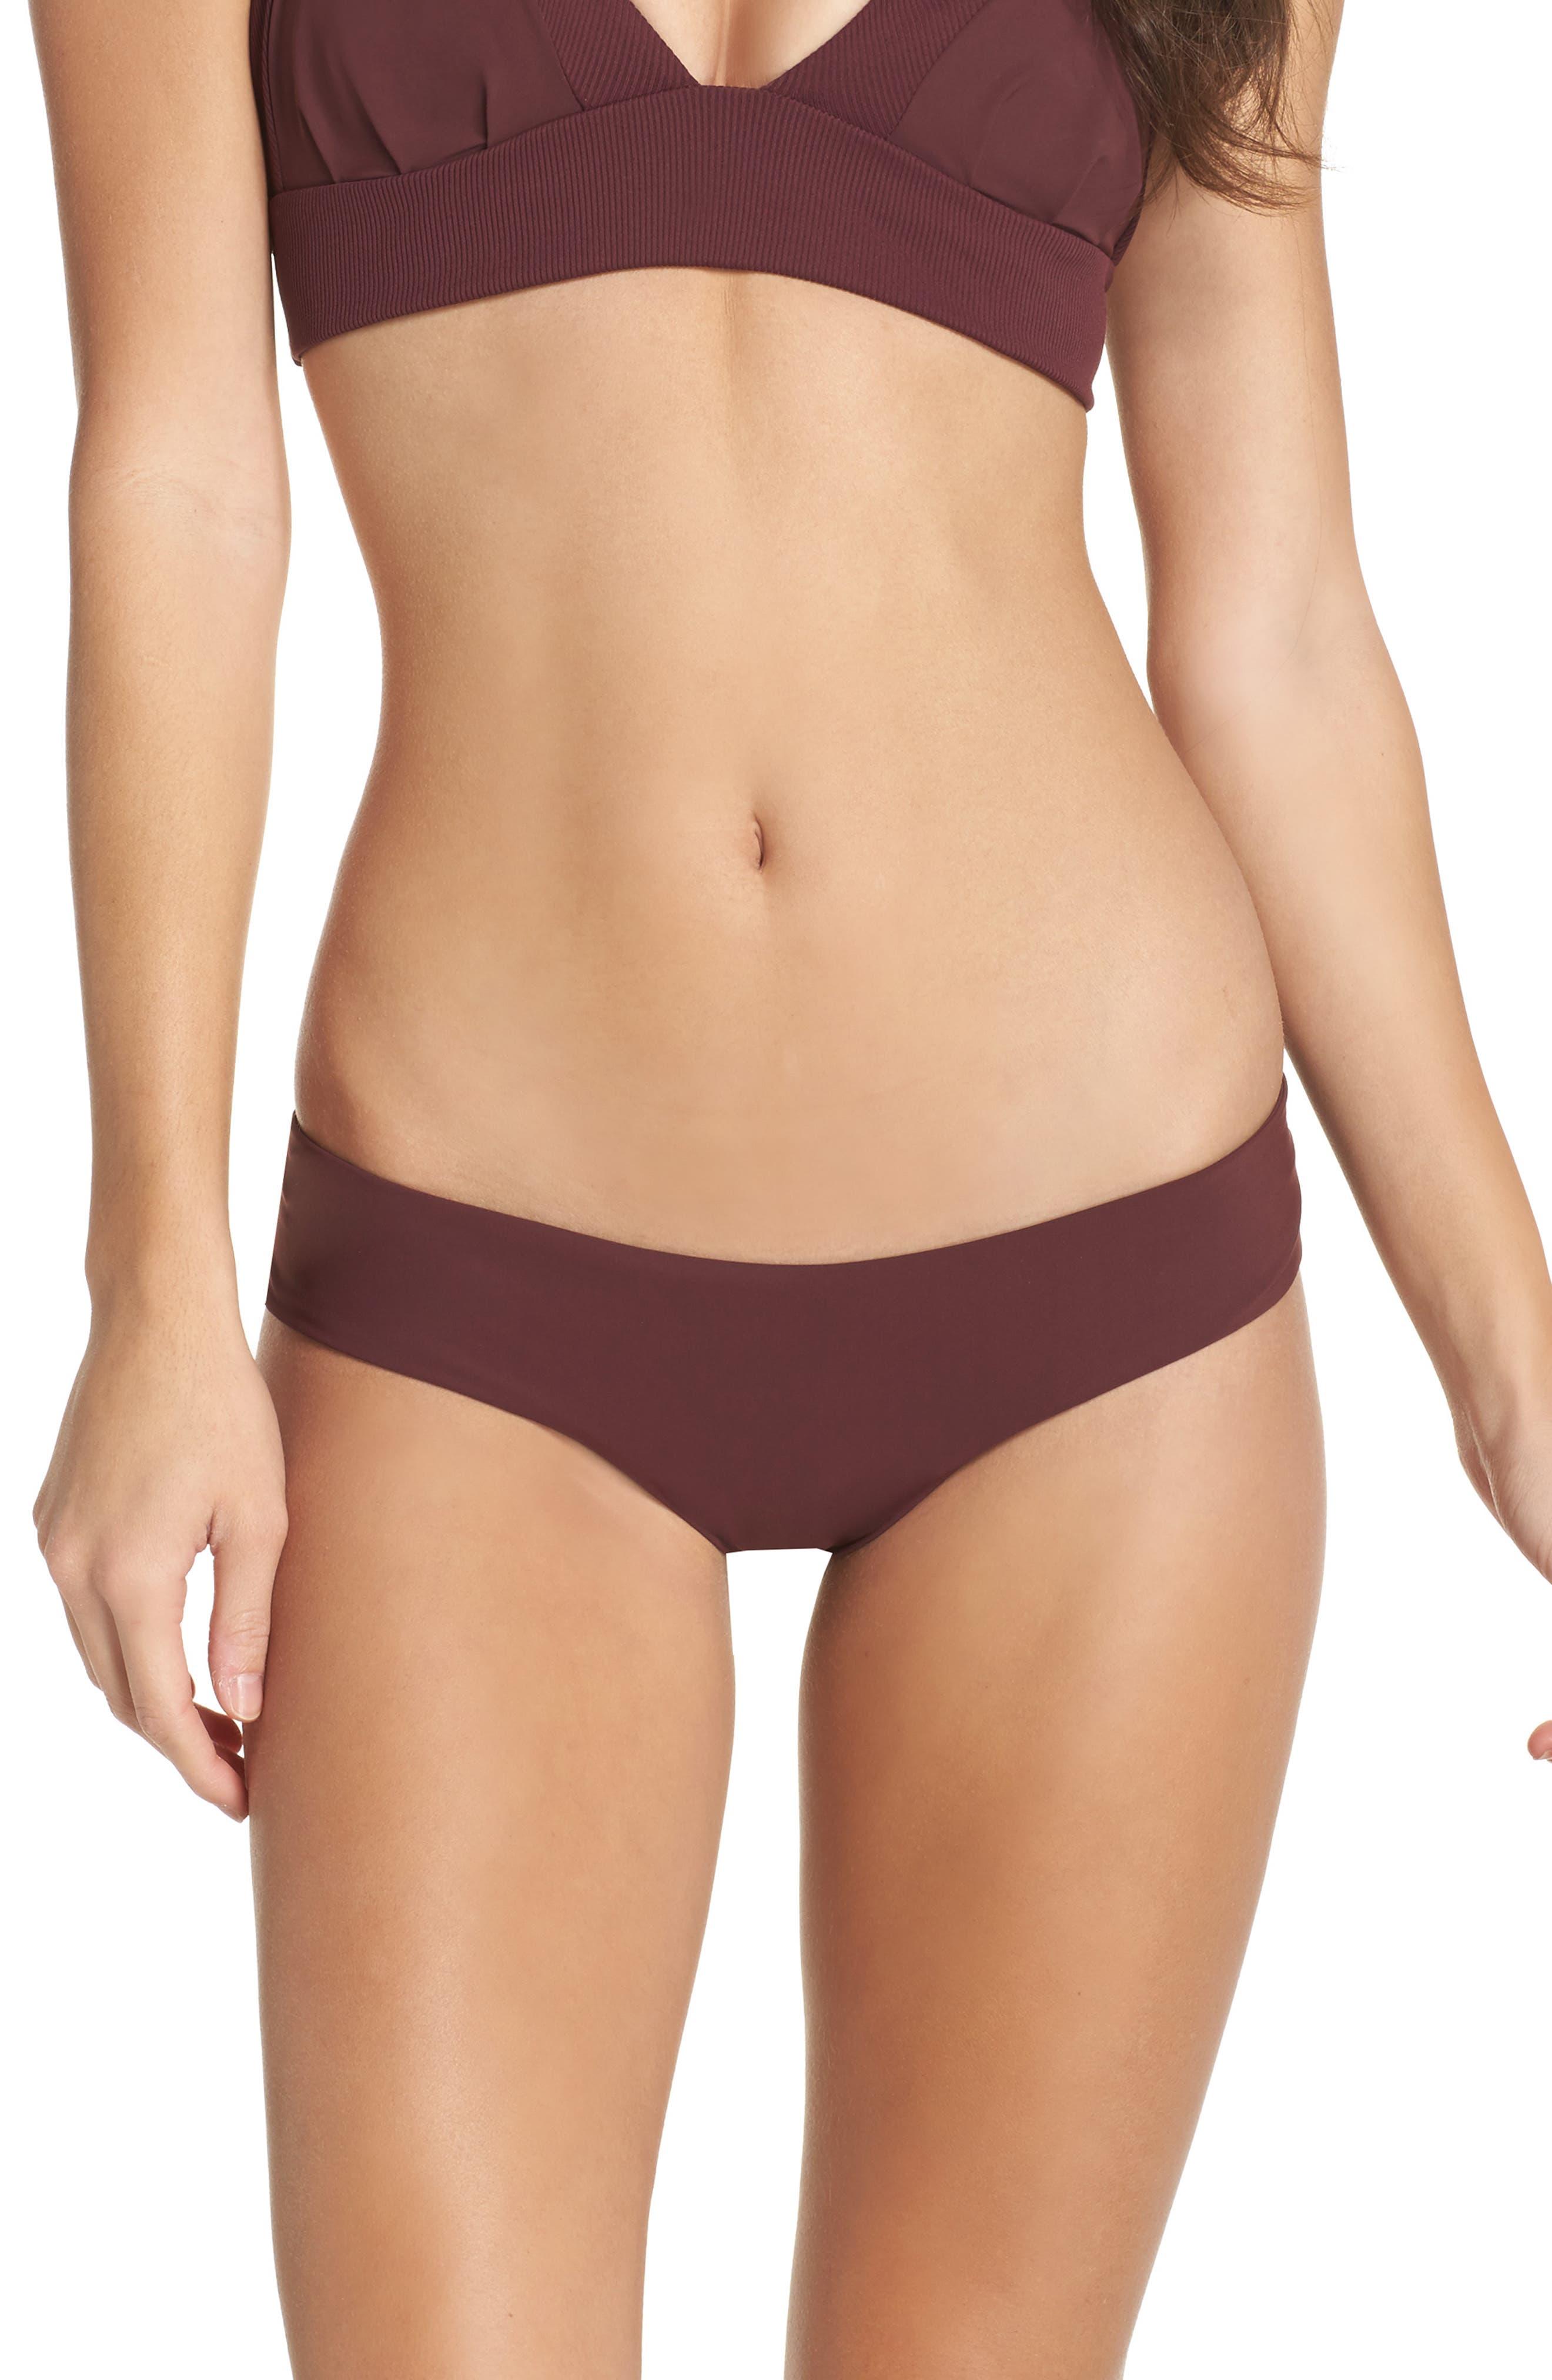 Yaya the Yuppy Bikini Bottoms,                         Main,                         color, Burgundy